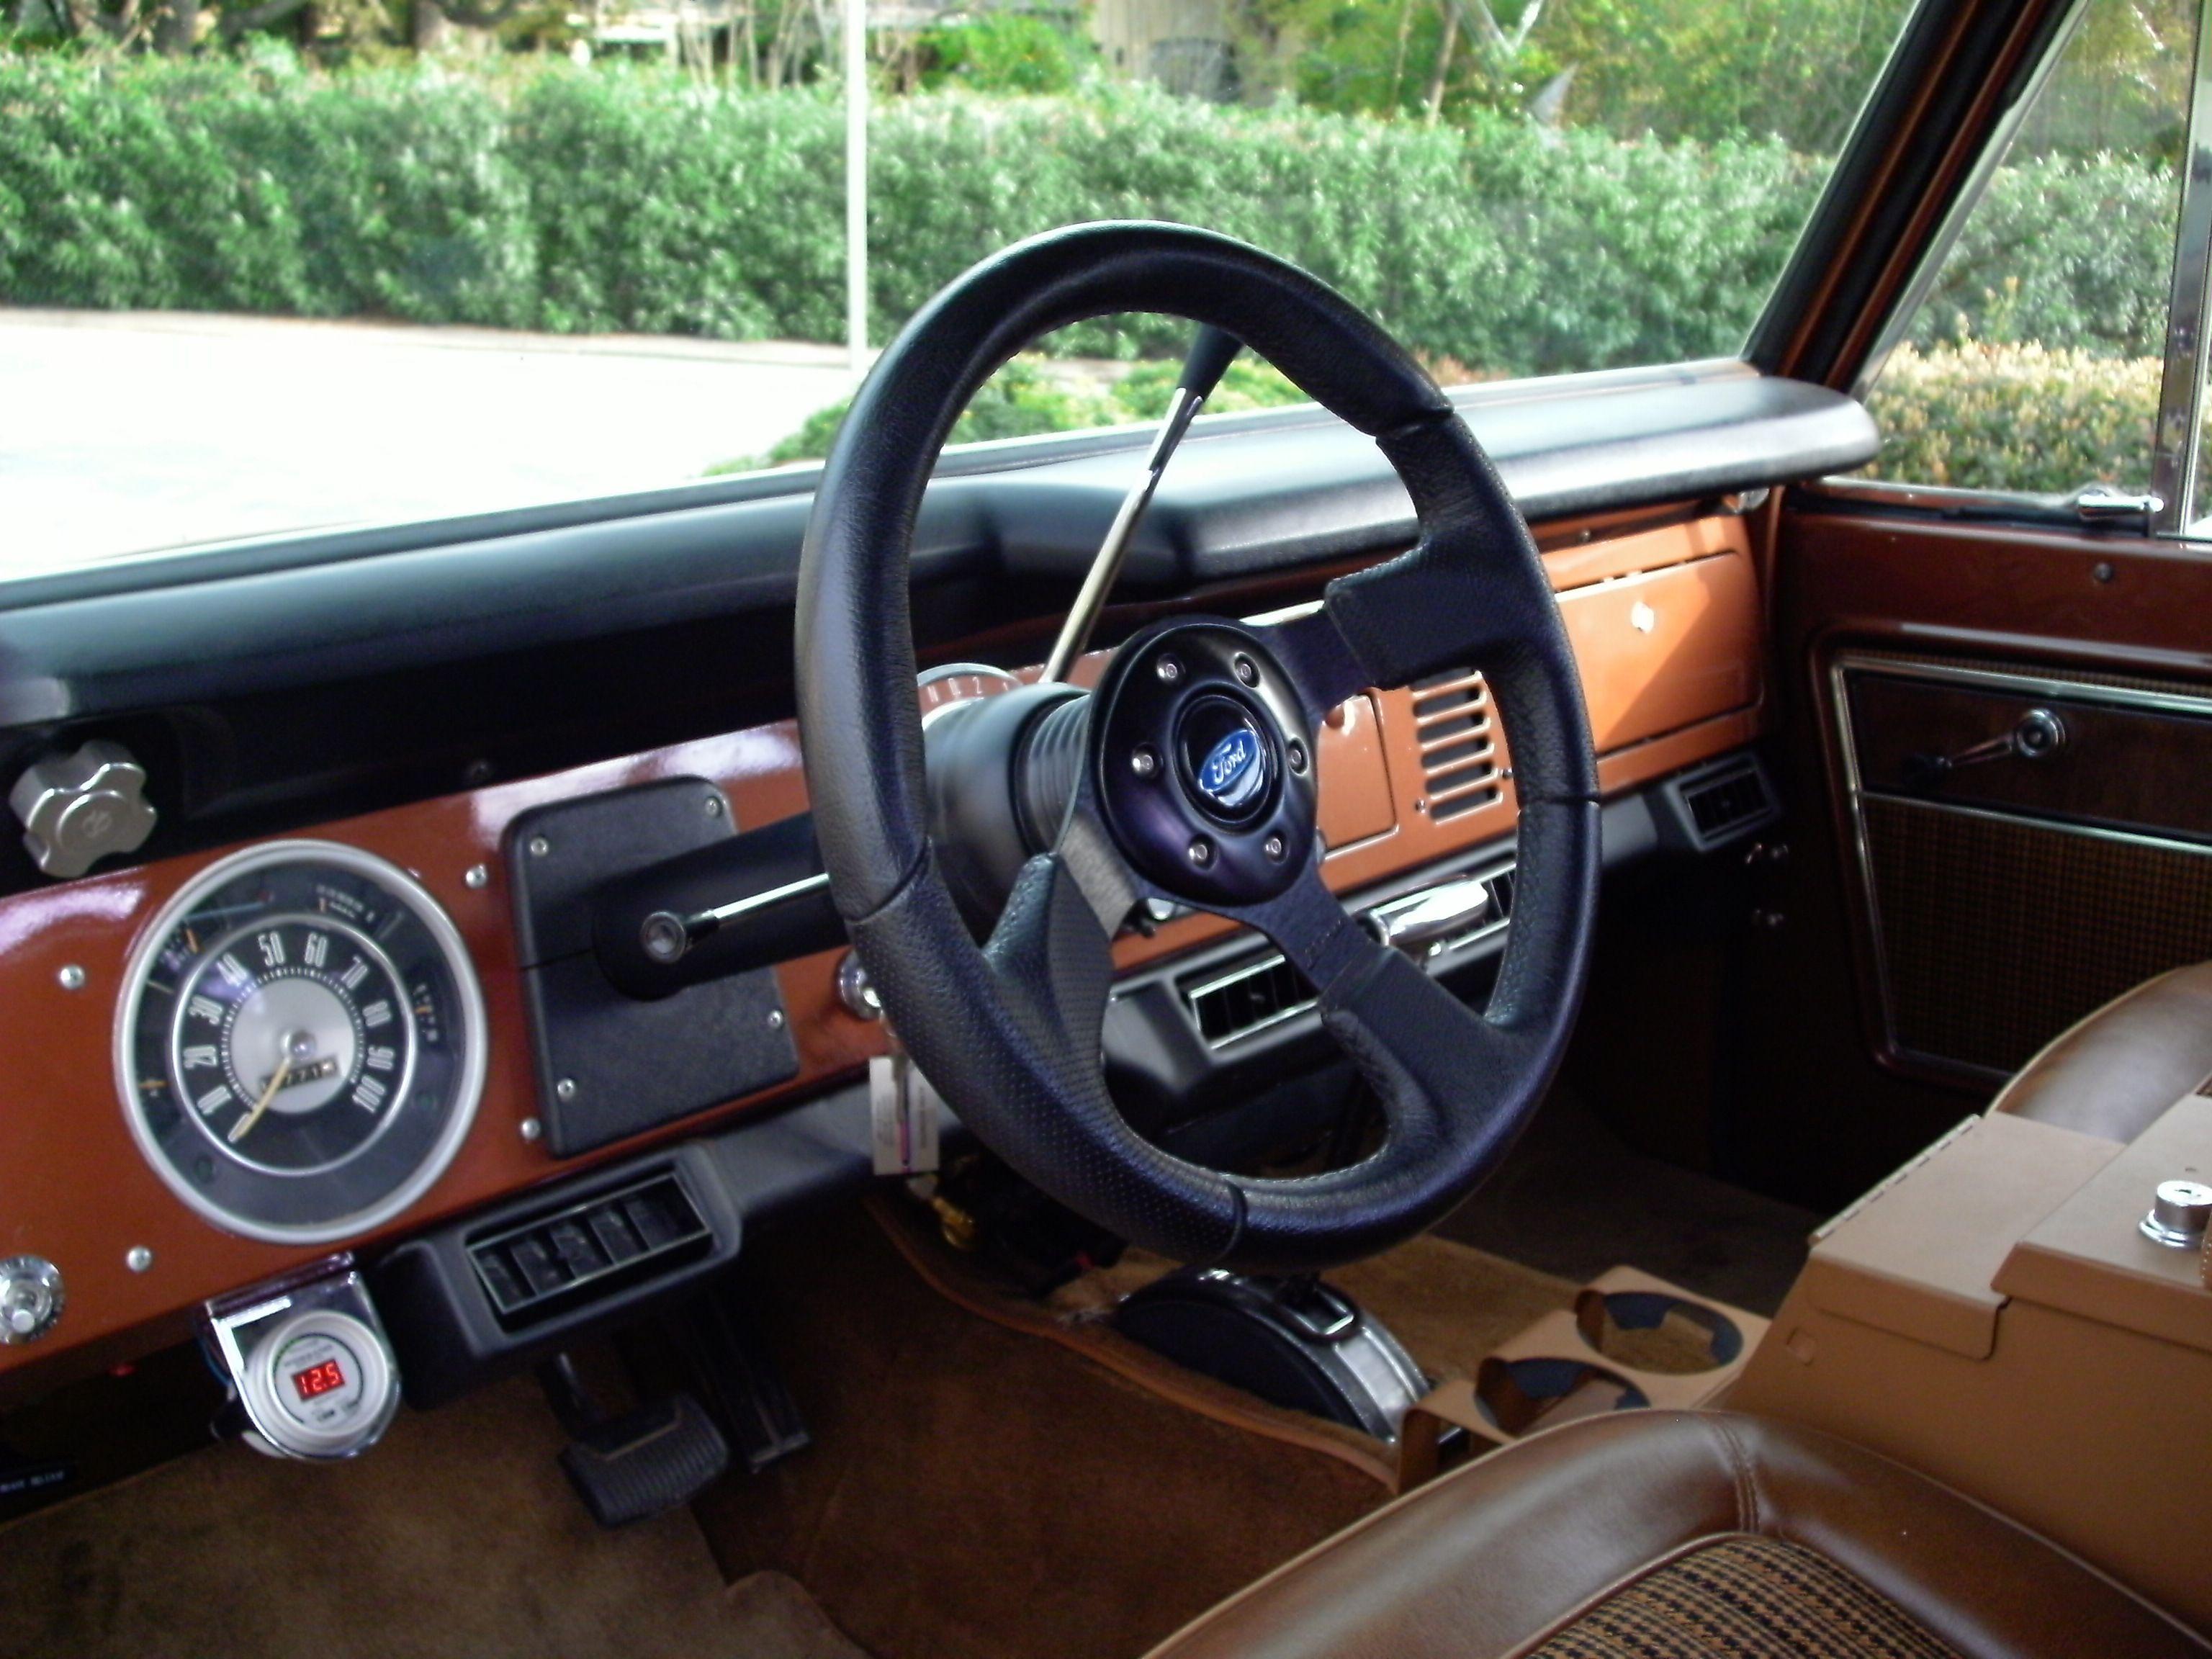 1972 Ford Bronco Interior Google Search Ford Bronco